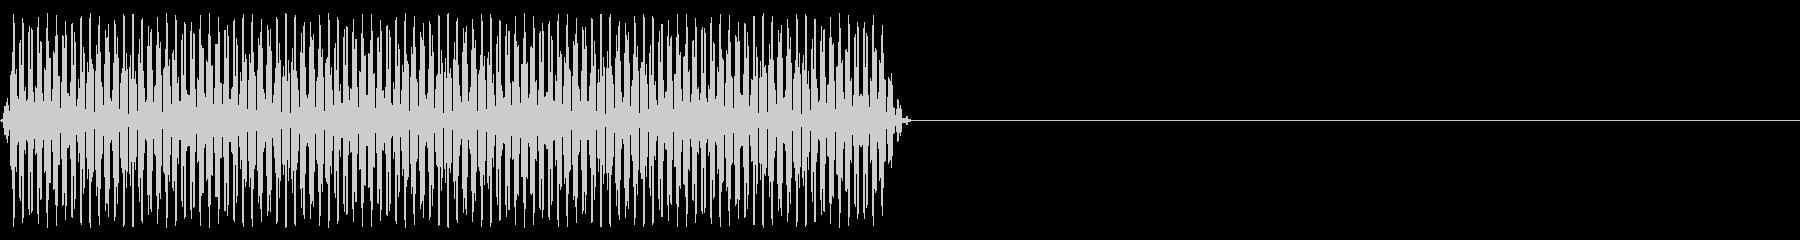 『ピッ』電話のプッシュ音(B)-単音の未再生の波形